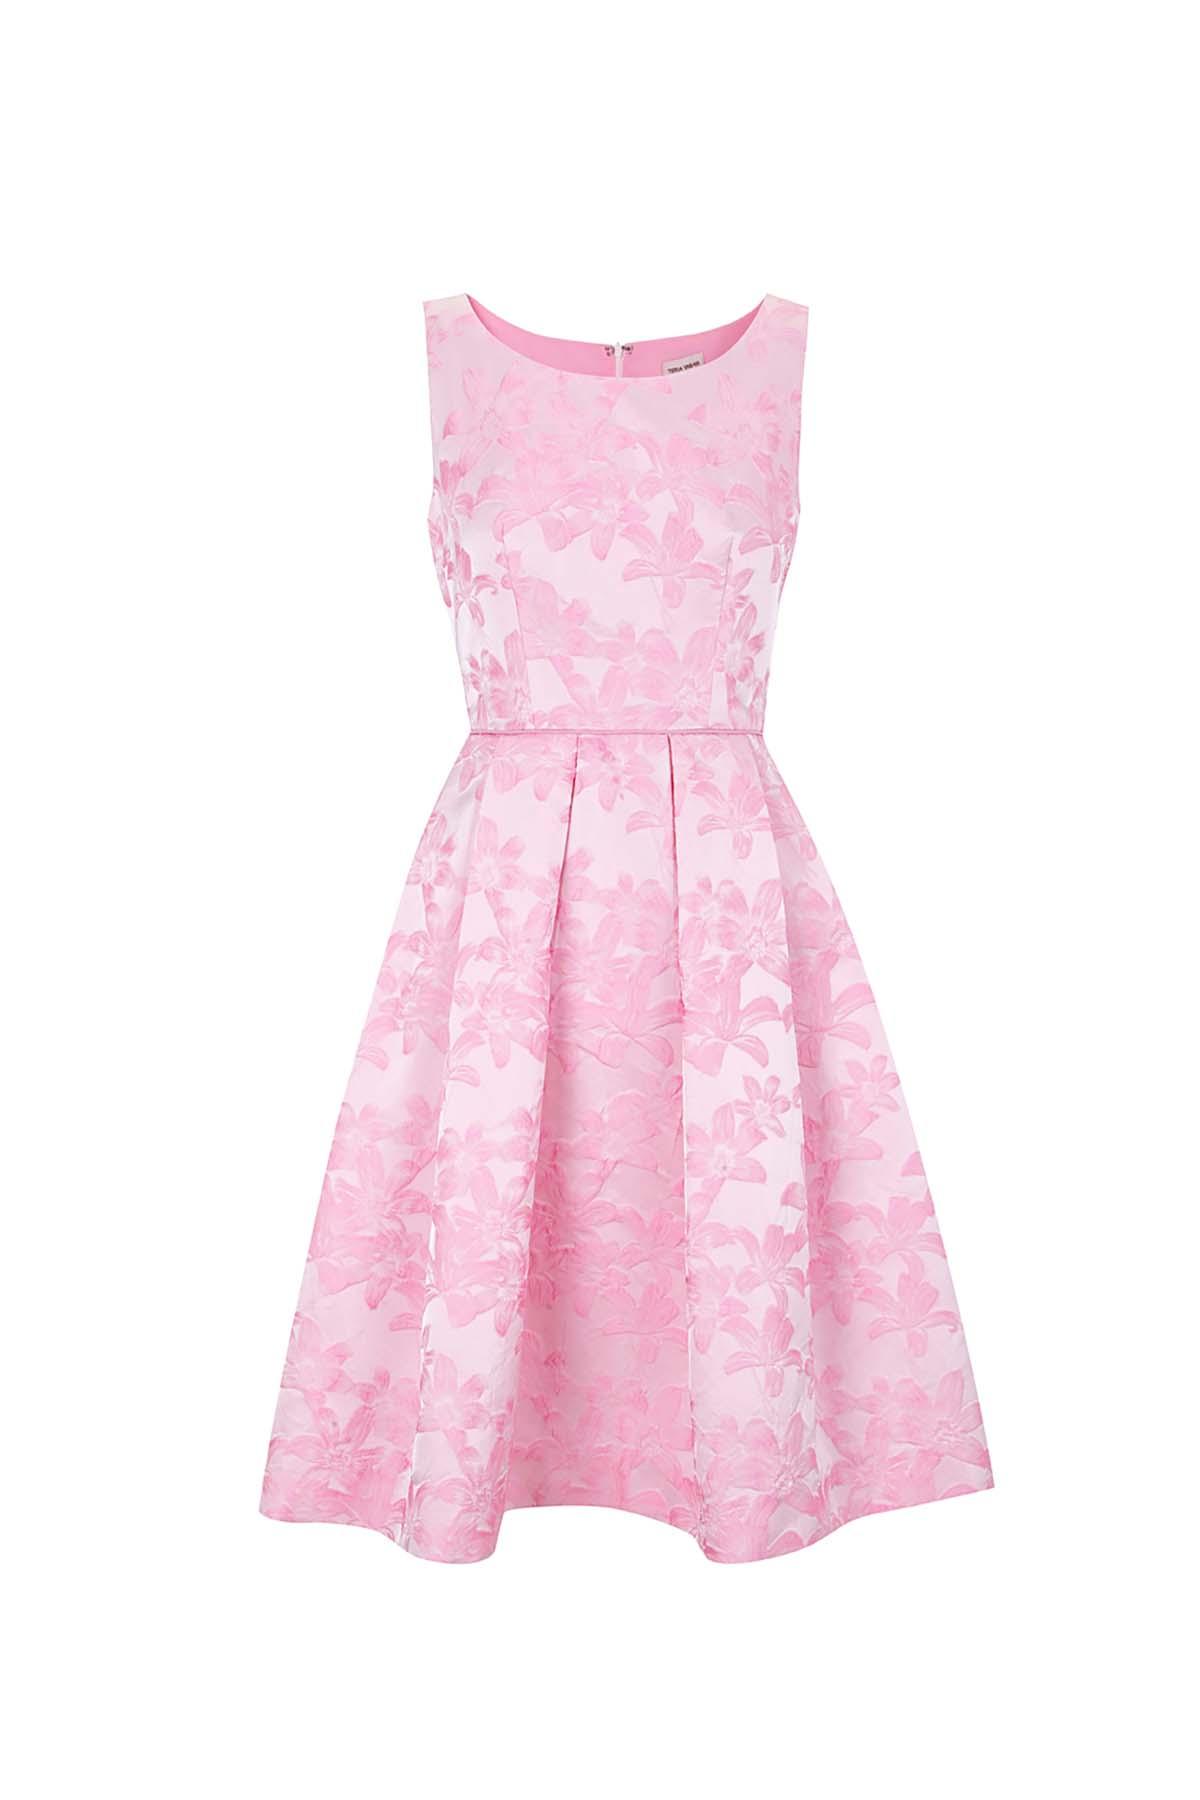 Teria Yabar - Vestido rosa de flor aterciopelada